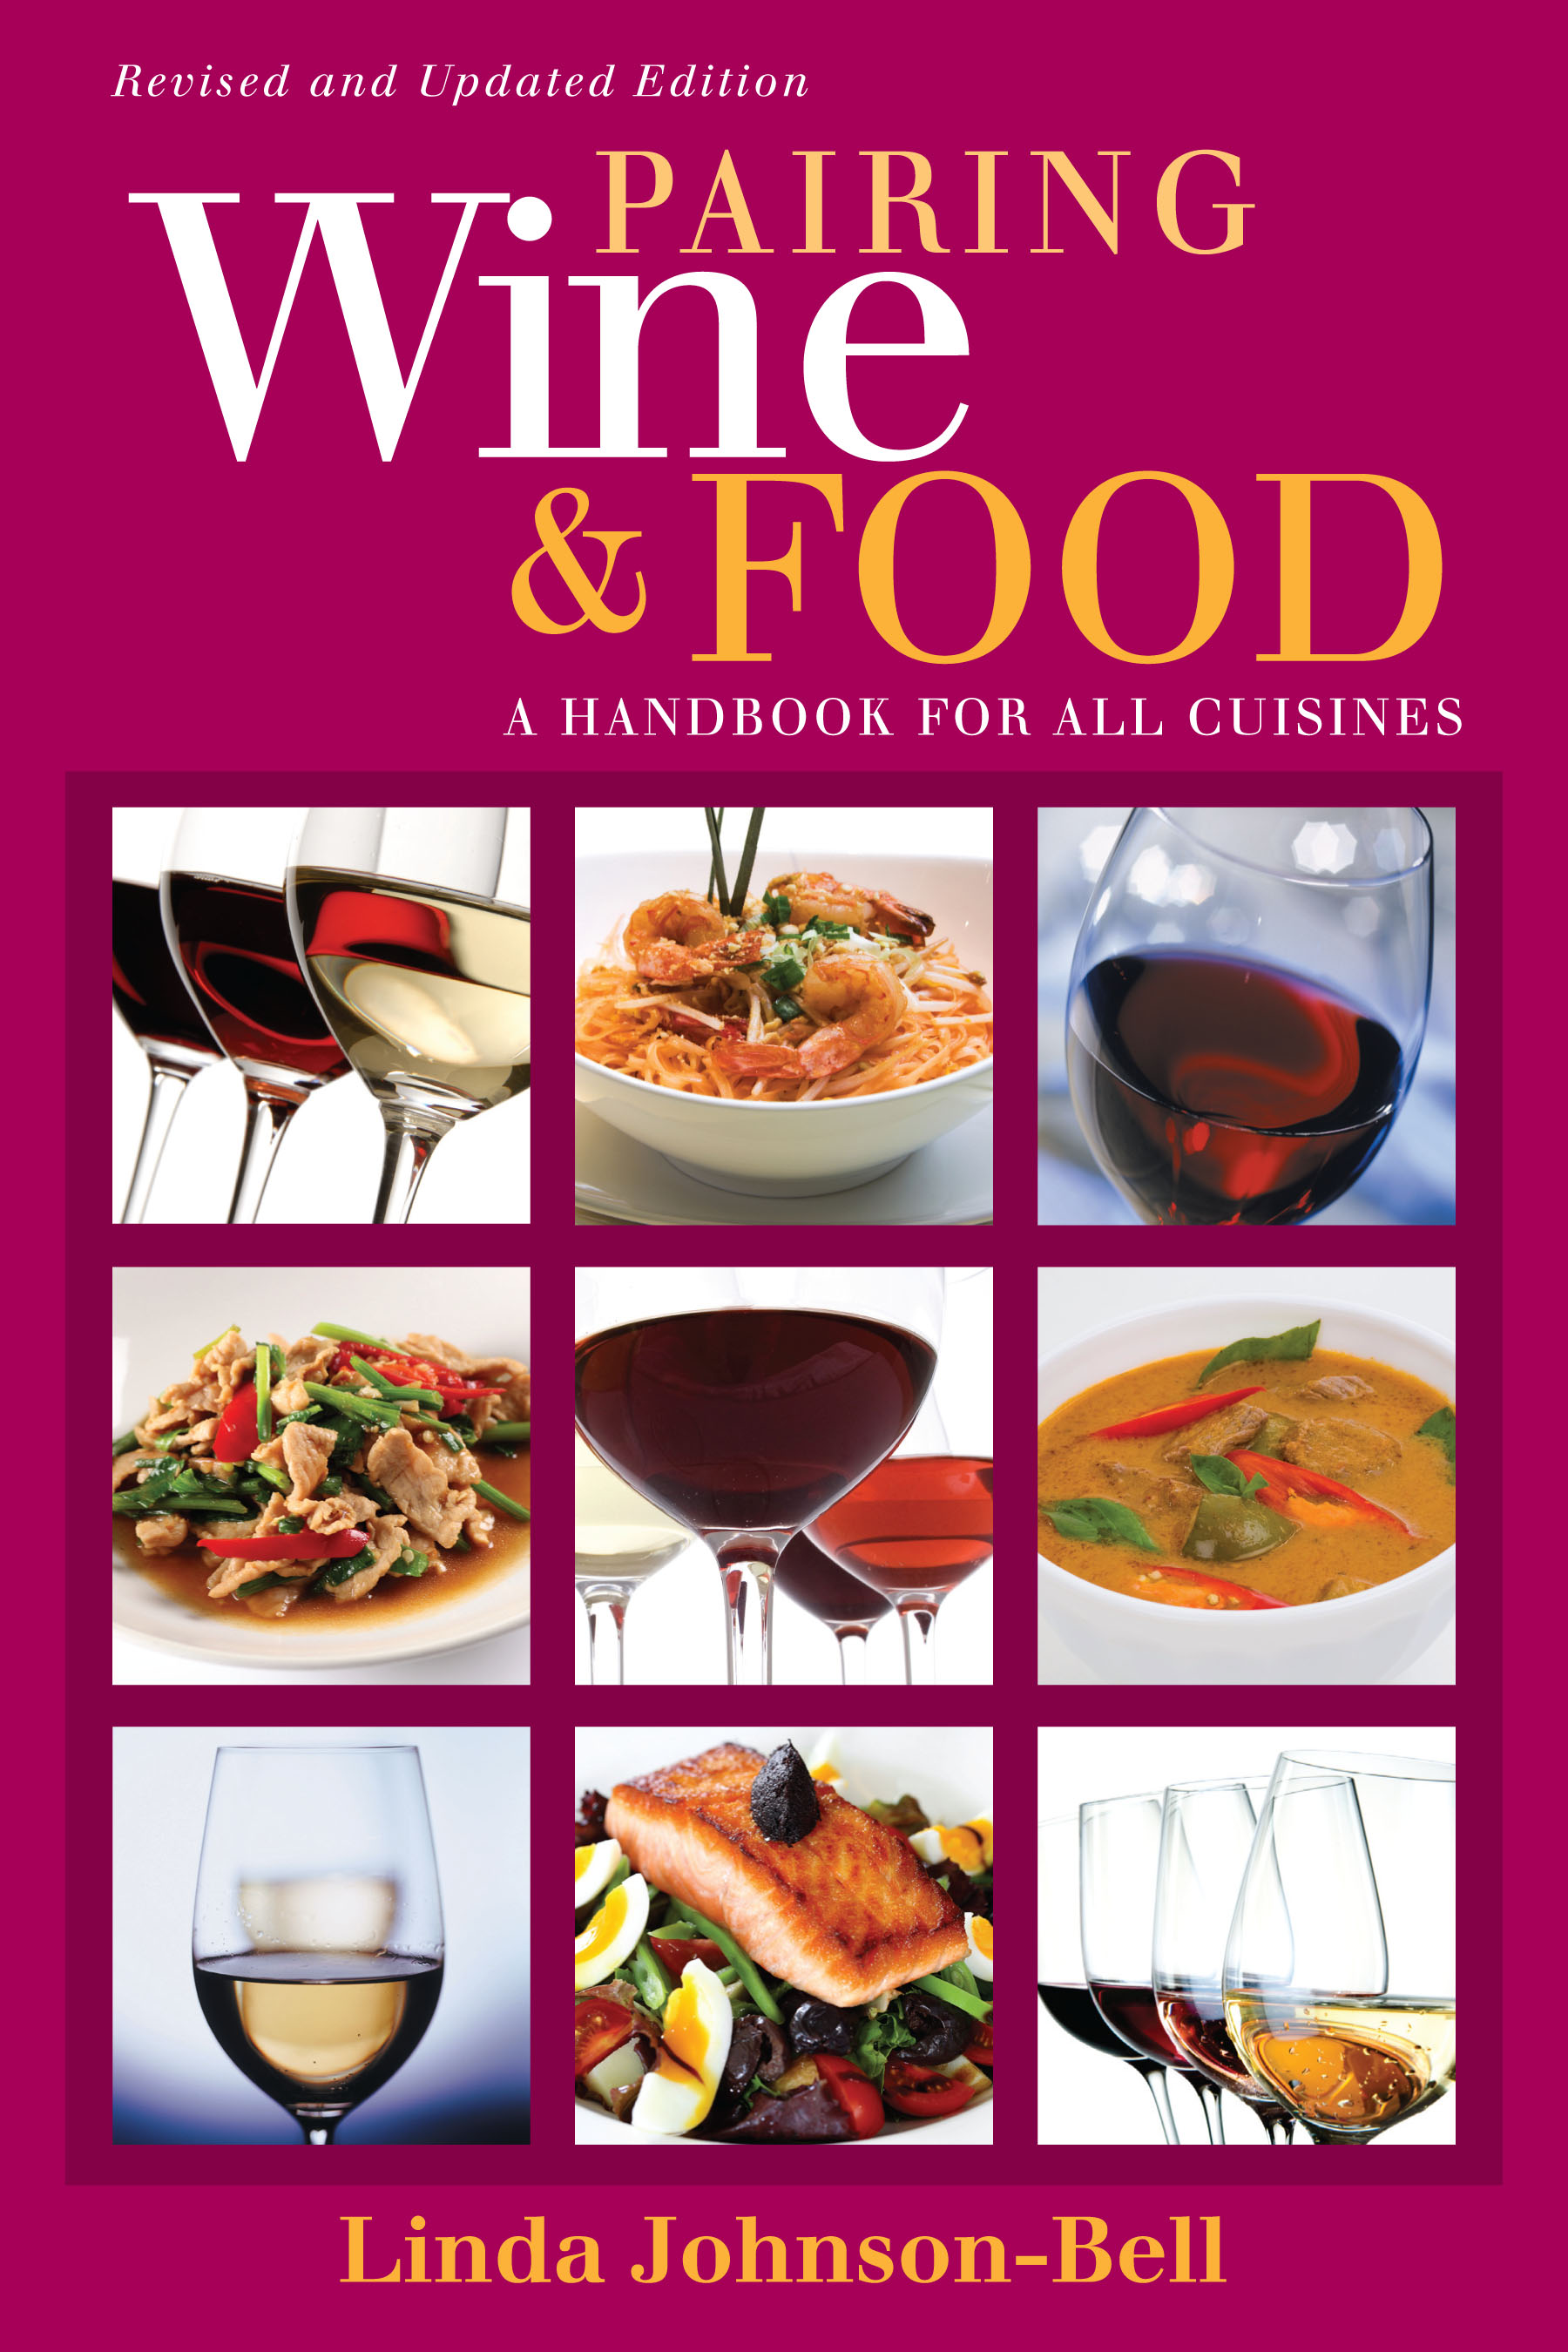 Pairing_Wine_and_Food.jpg